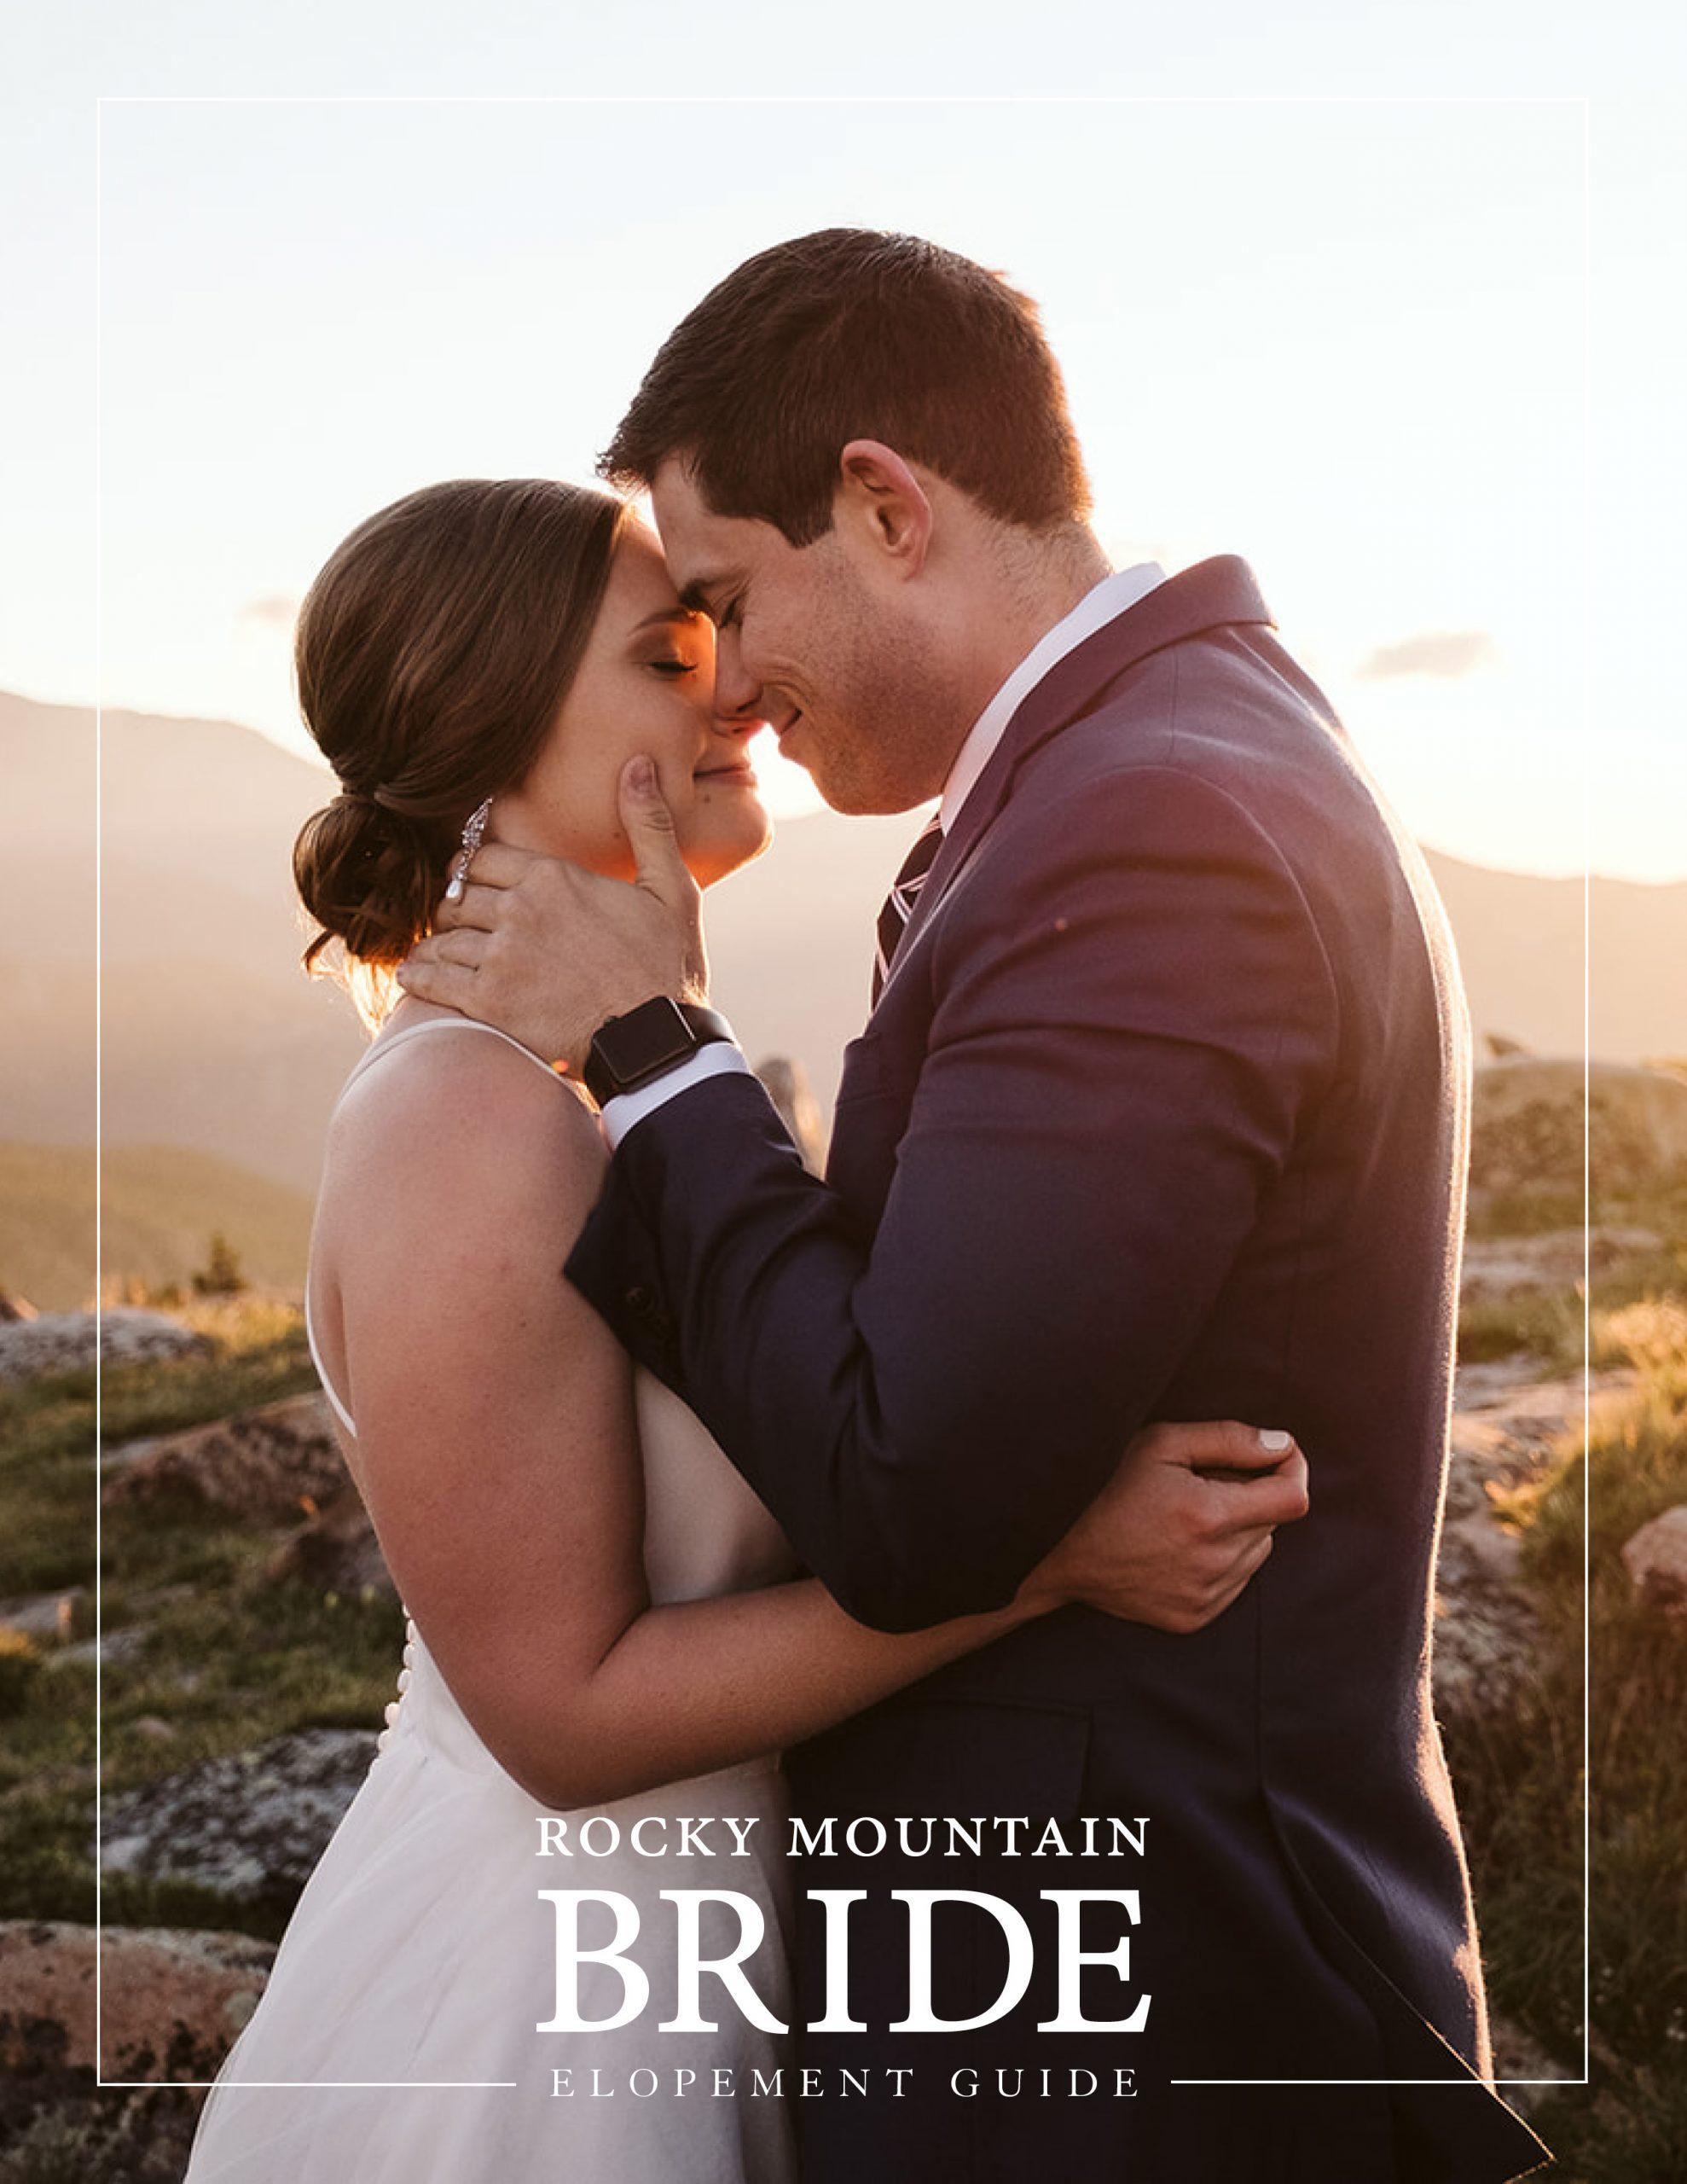 Colorado Elopement Guide